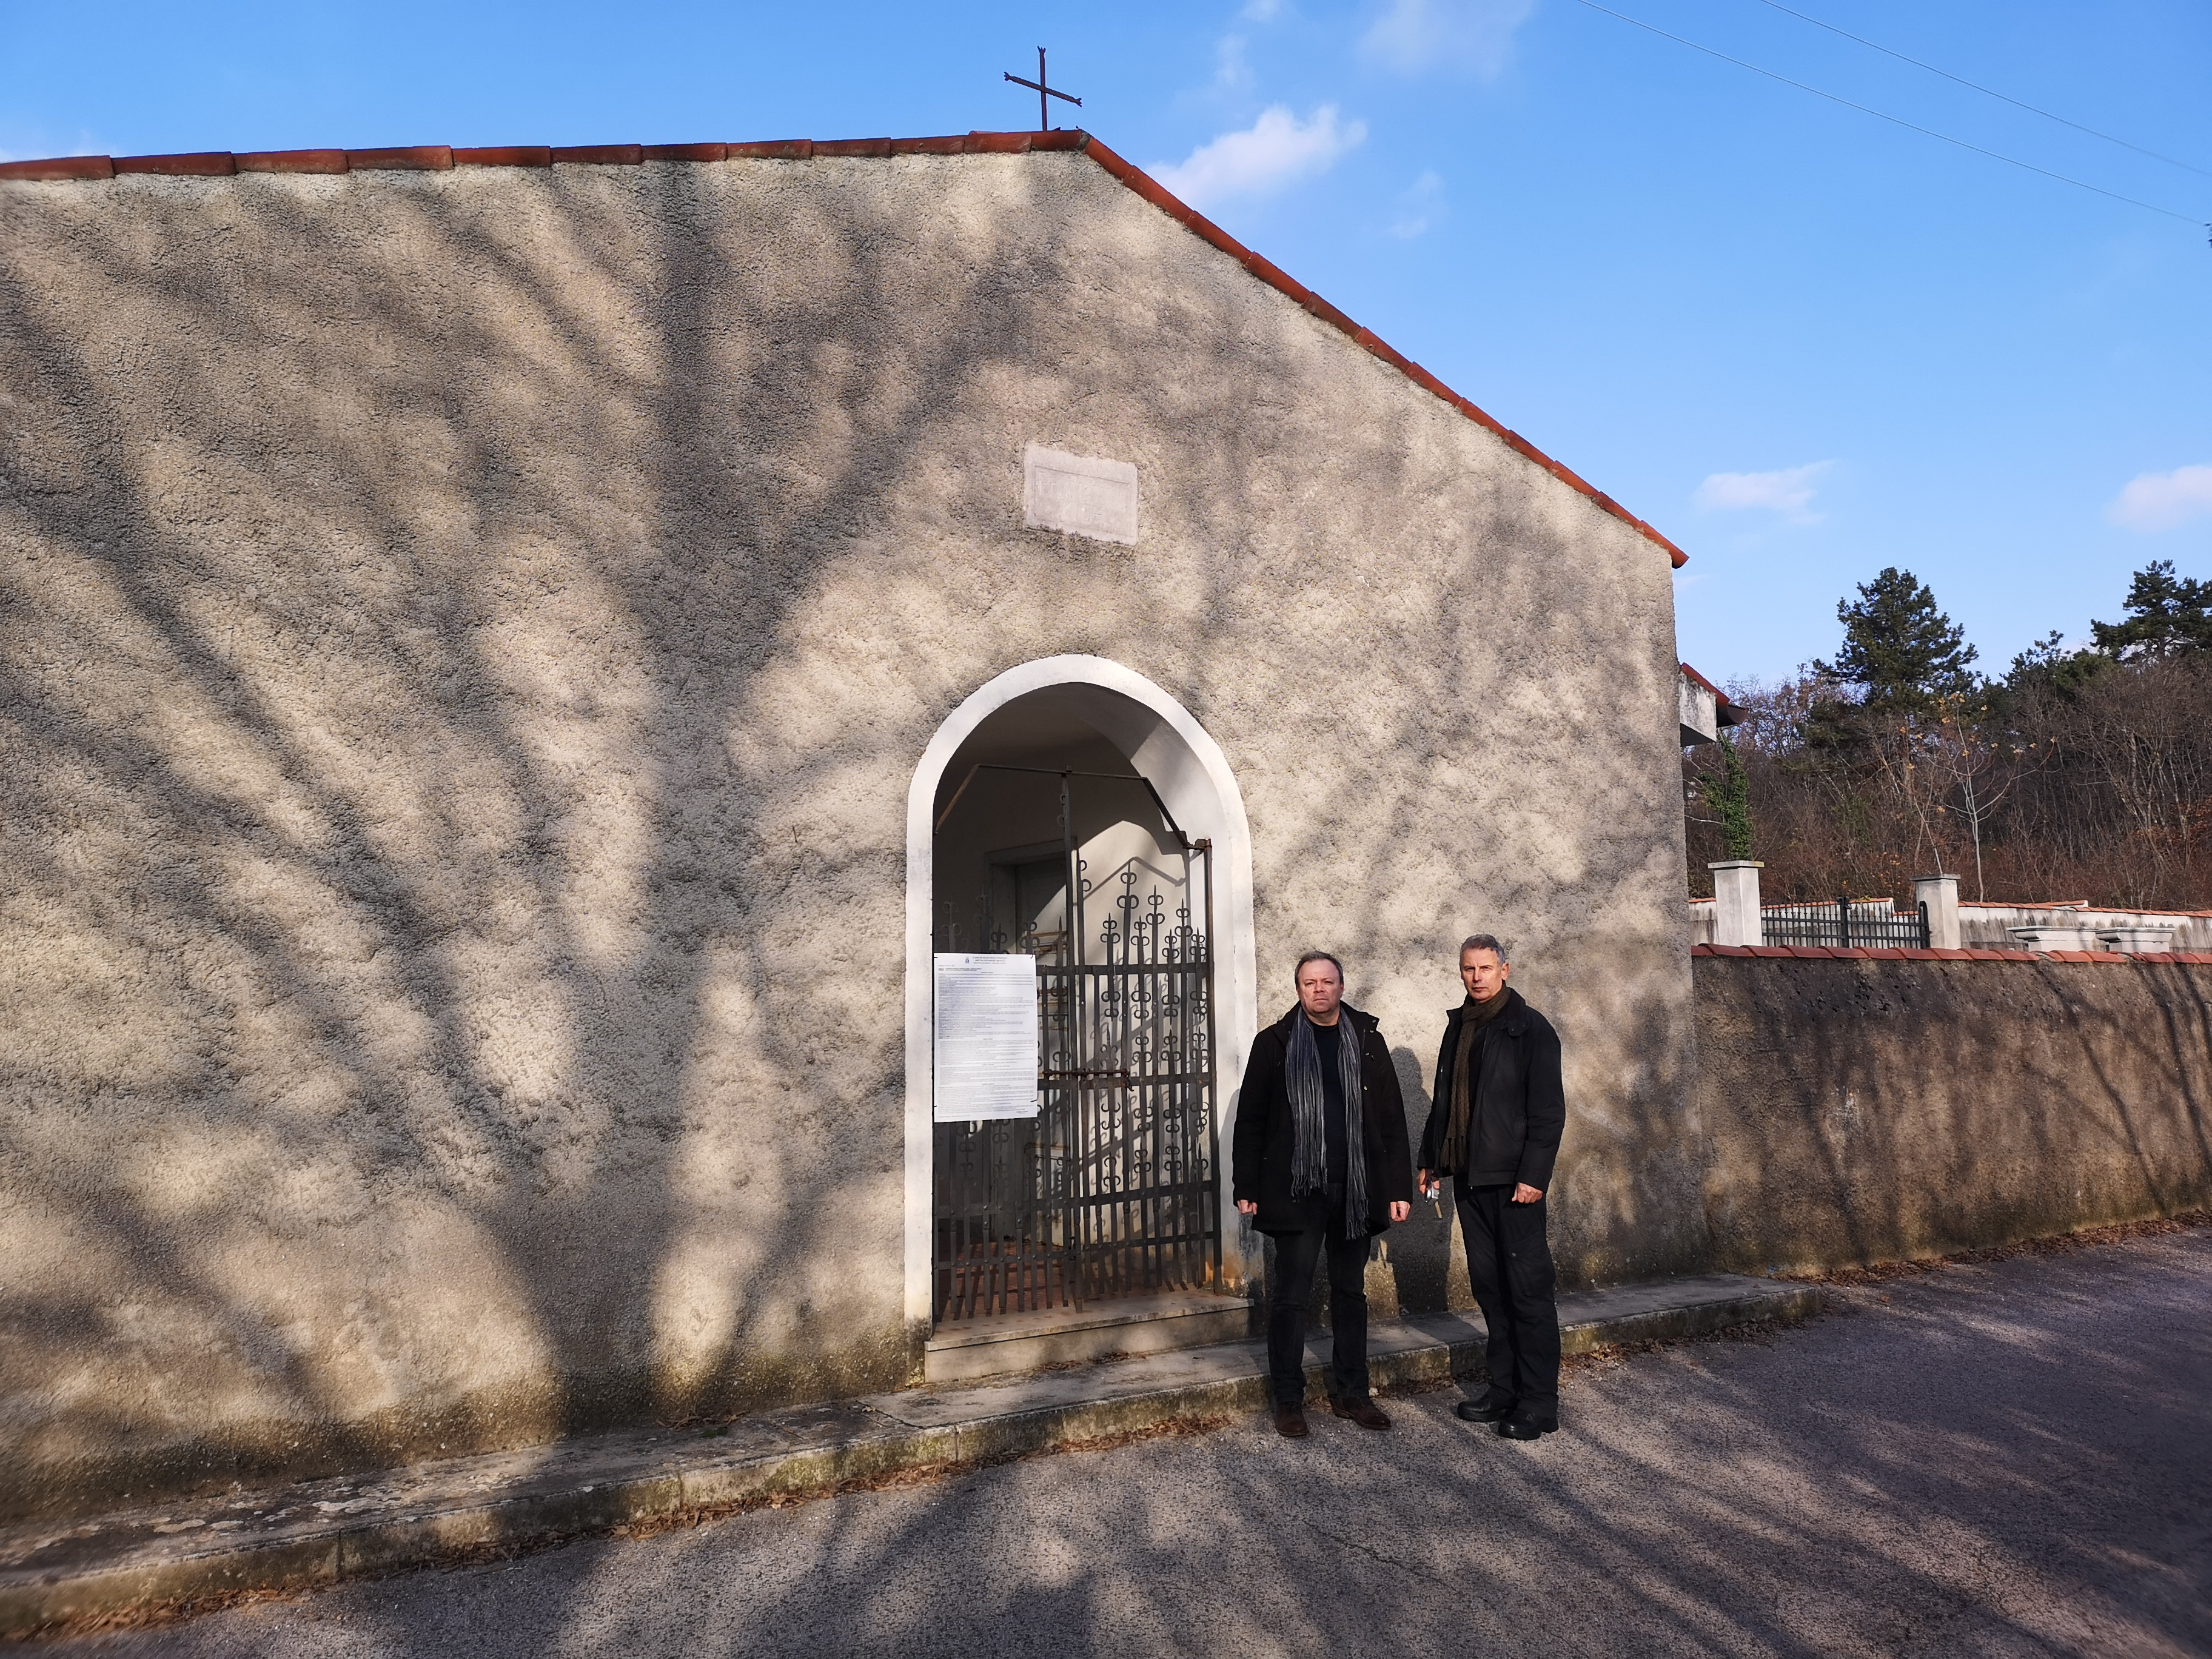 L'autore con János Rózsafi nel dicembre 2019 davanti all'ingresso del cimitero comunale